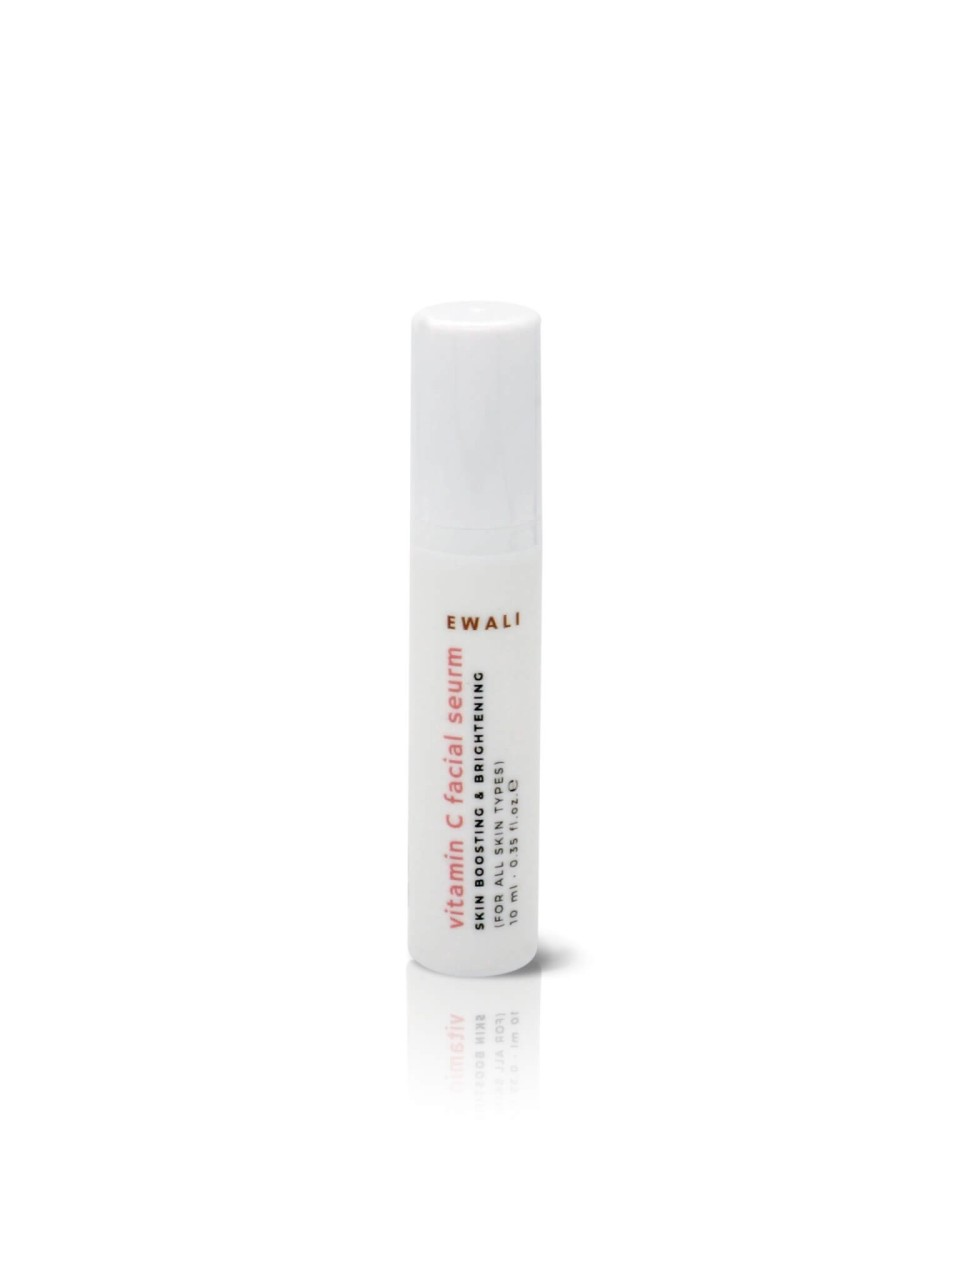 Mini Vitamin C Brightening Facial Serum - Travel Size